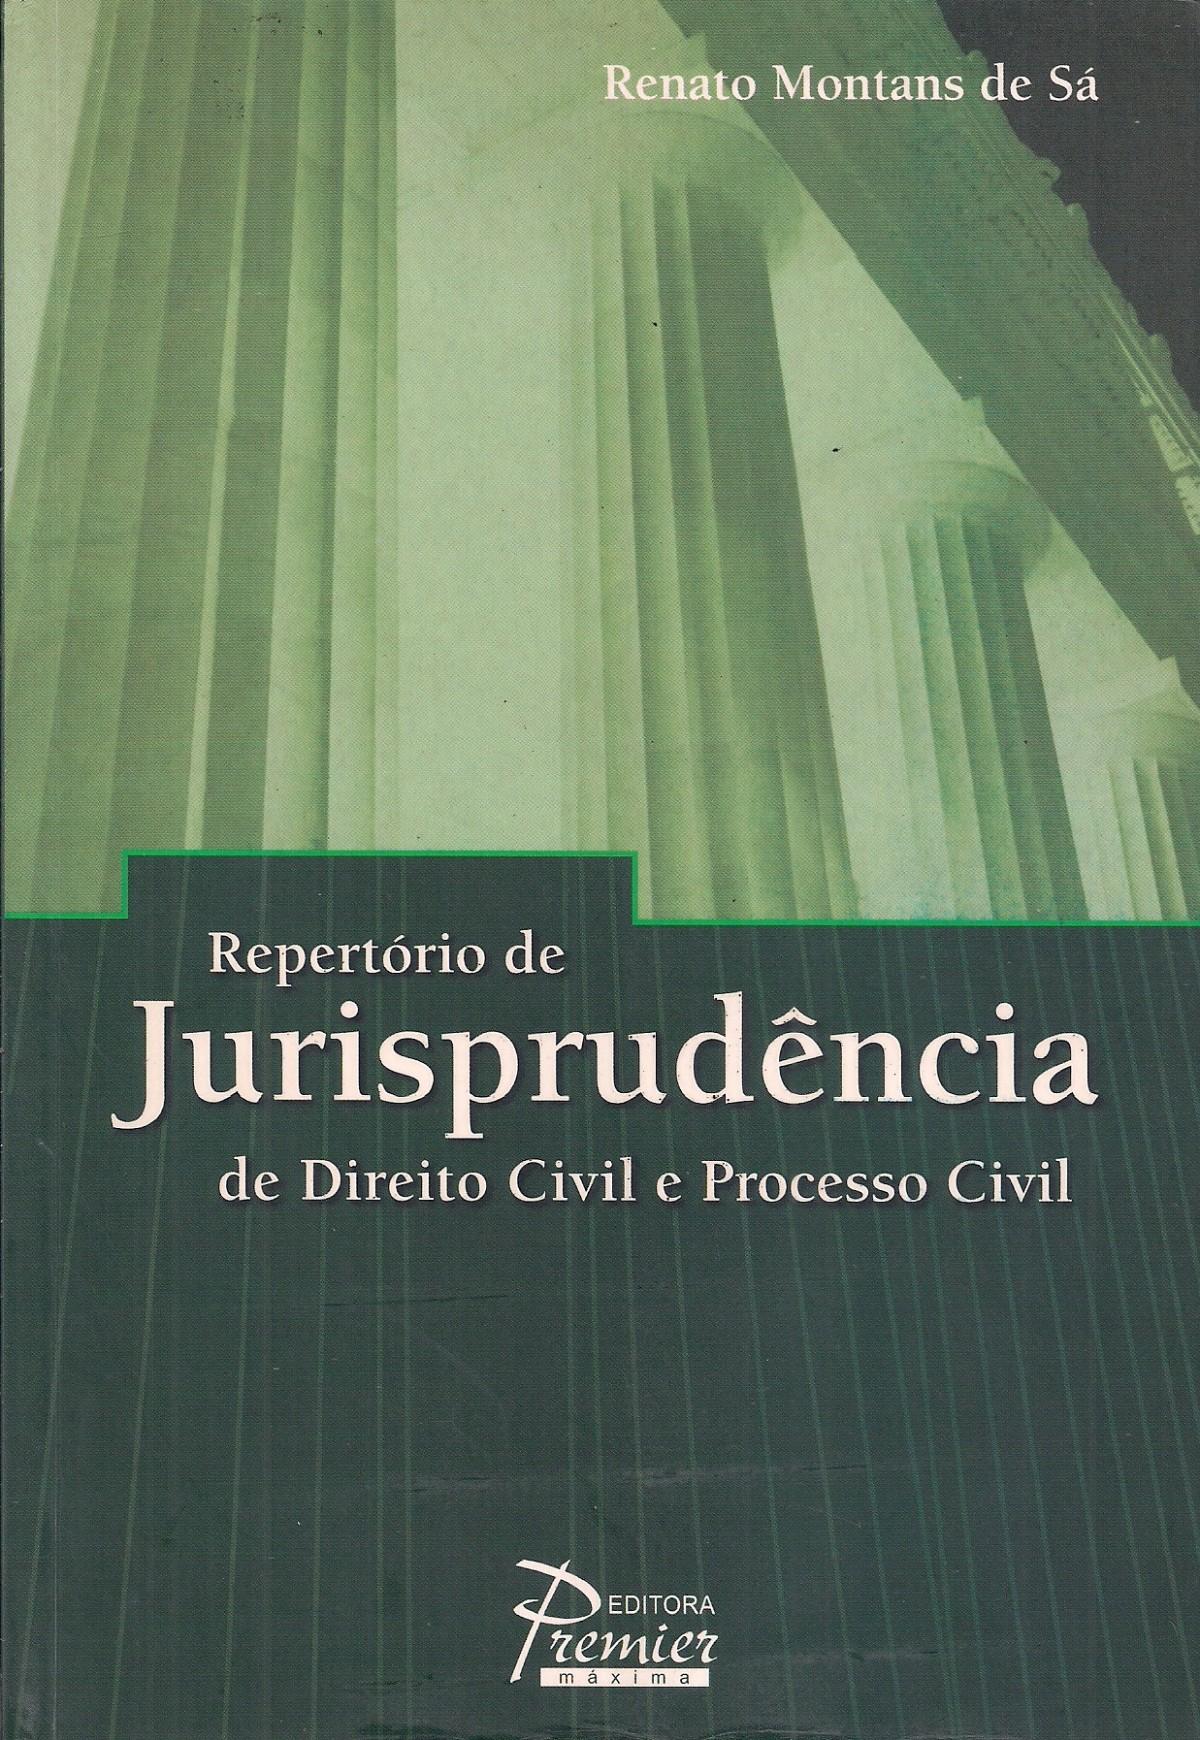 Foto 1 - Repertório de Jurisprudência de Direito Civil e Processo Civil